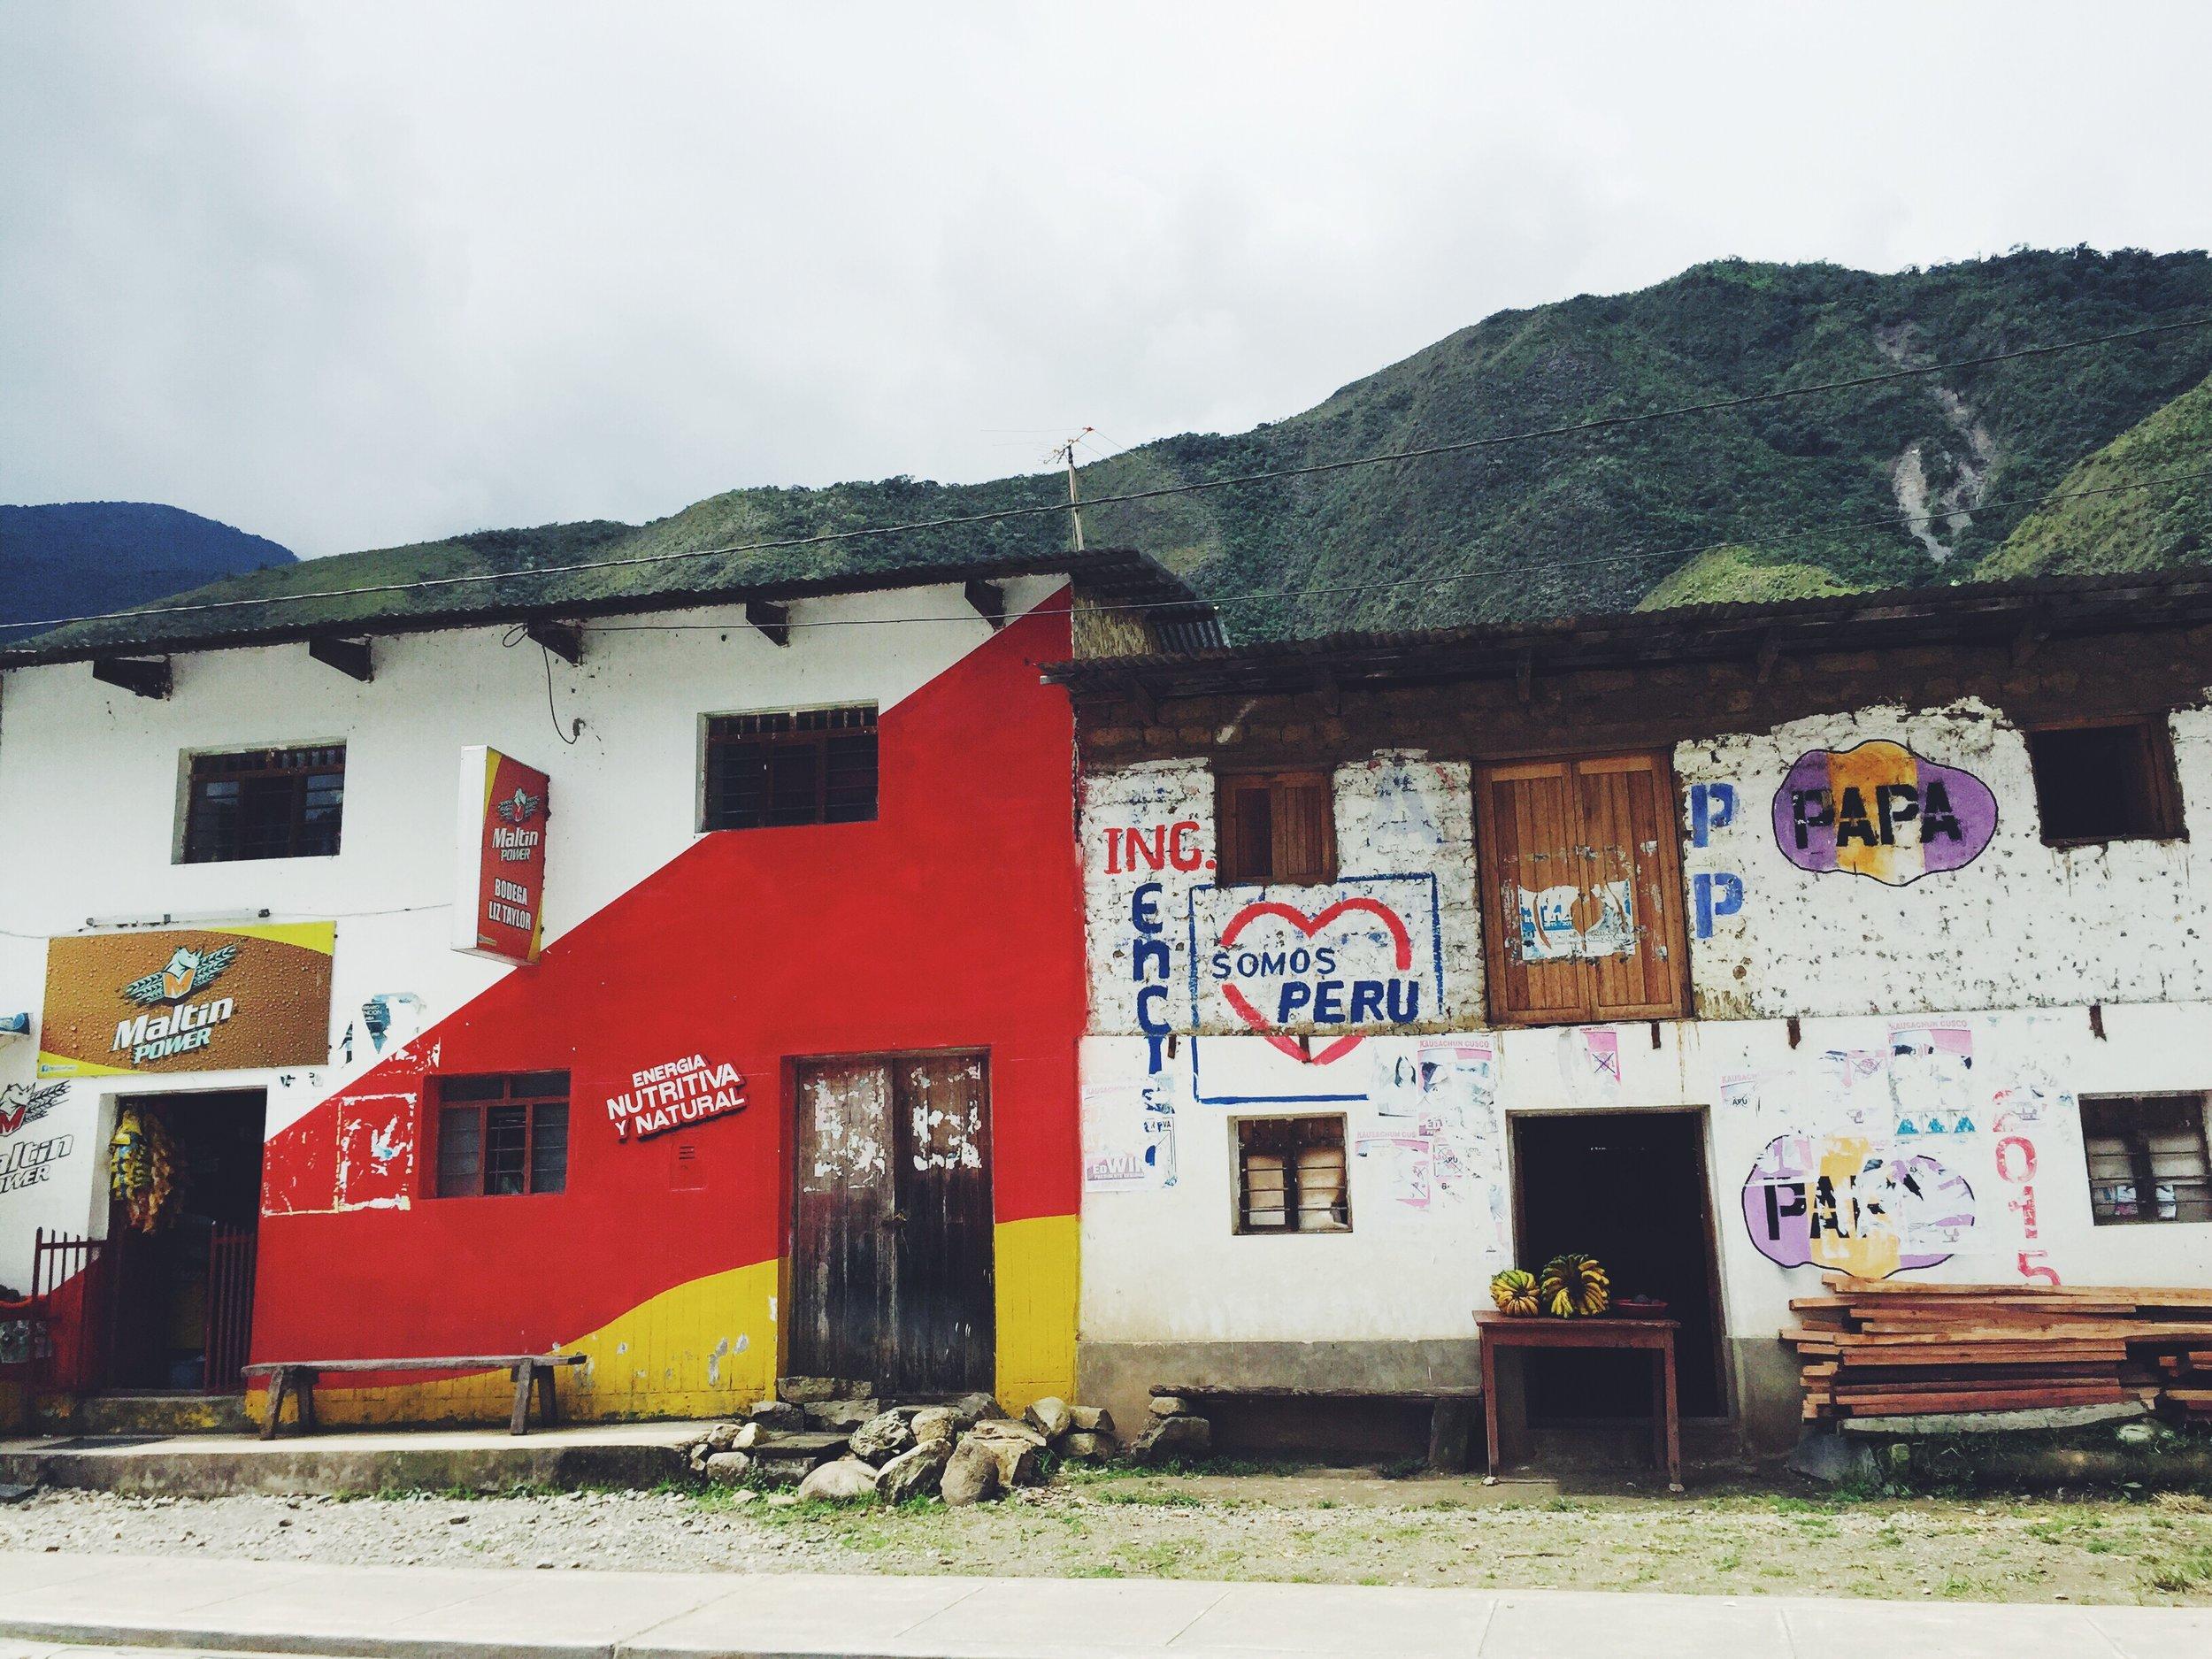 Peru, so beautiful in every way.